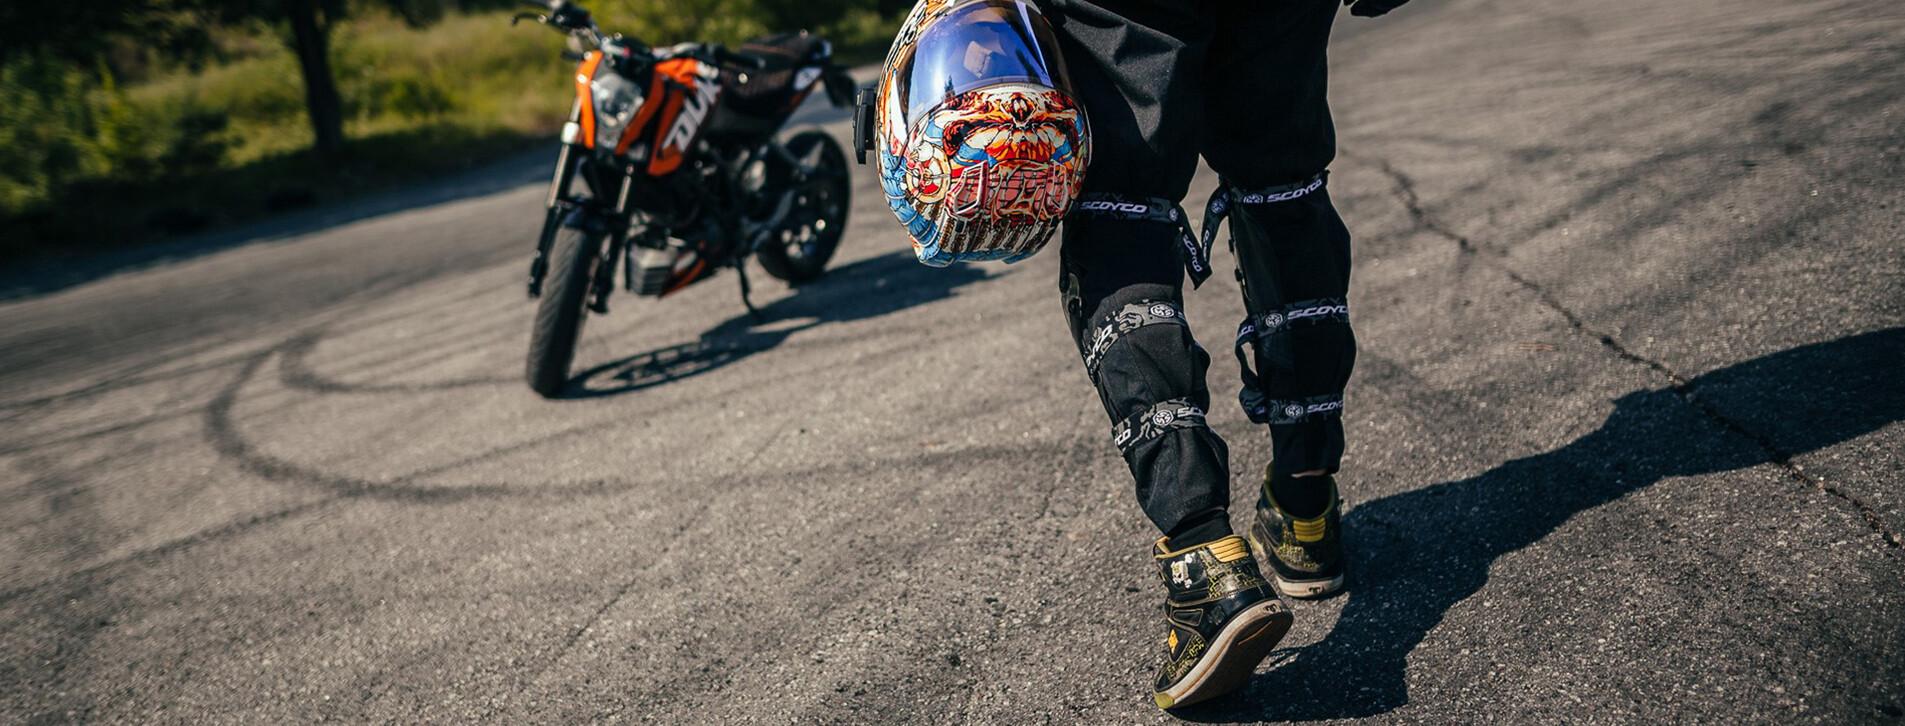 Фото 1 - Мастер-класс езды на мотоцикле для двоих